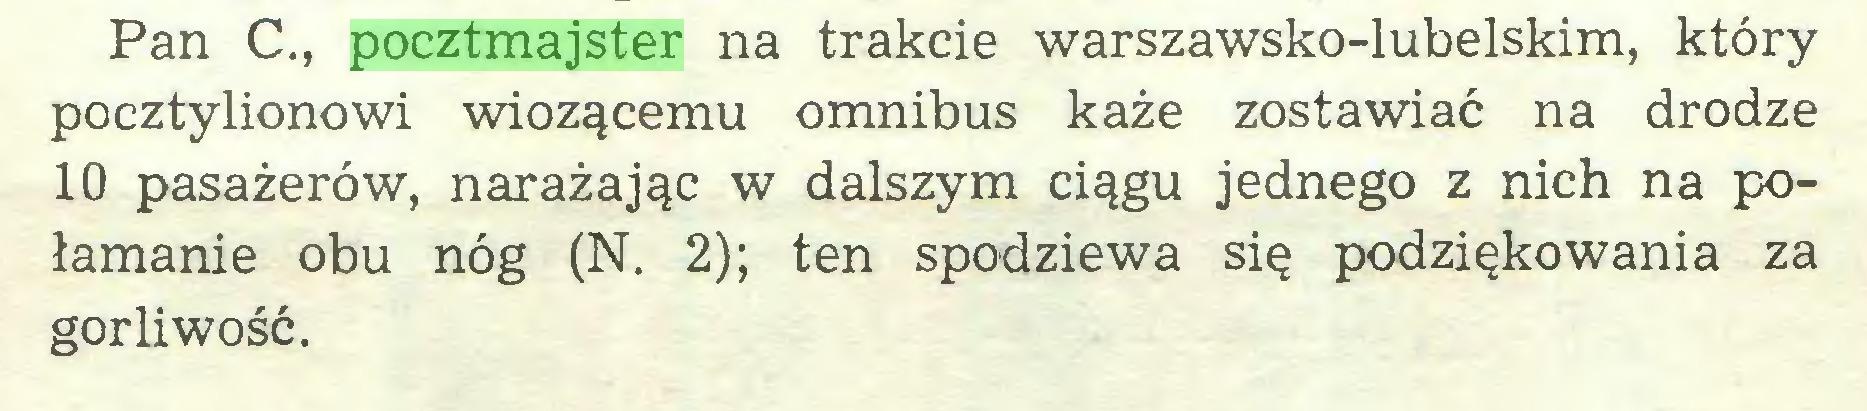 (...) Pan C., pocztmajster na trakcie warszawsko-lubelskim, który pocztylionowi wiozącemu omnibus każe zostawiać na drodze 10 pasażerów, narażając w dalszym ciągu jednego z nich na połamanie obu nóg (N. 2); ten spodziewa się podziękowania za gorliwość...